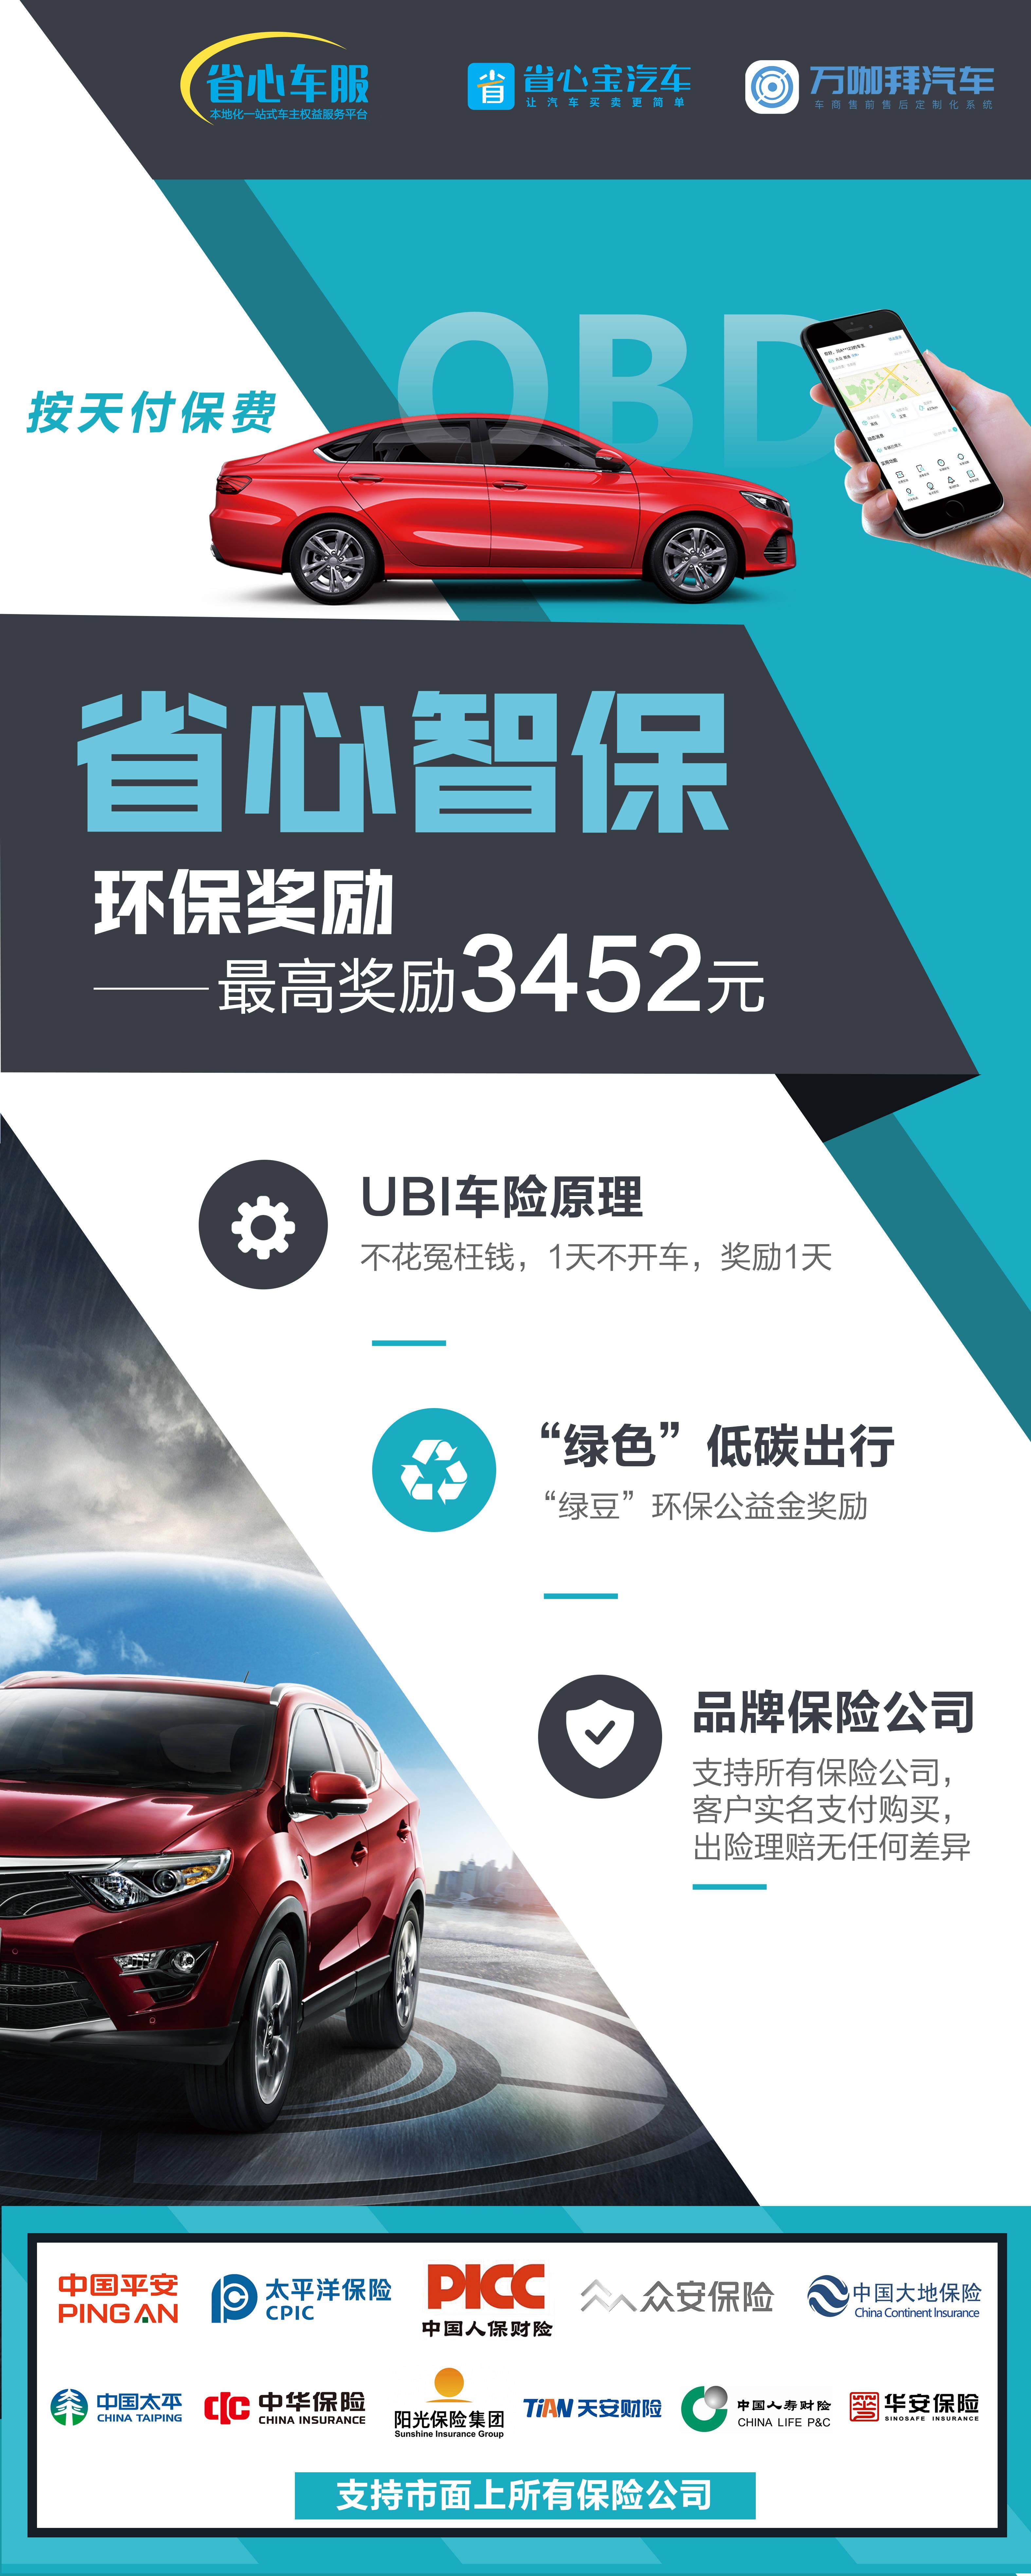 省级精神保险三大亮点——UBI车险原则、车主权益、智能车